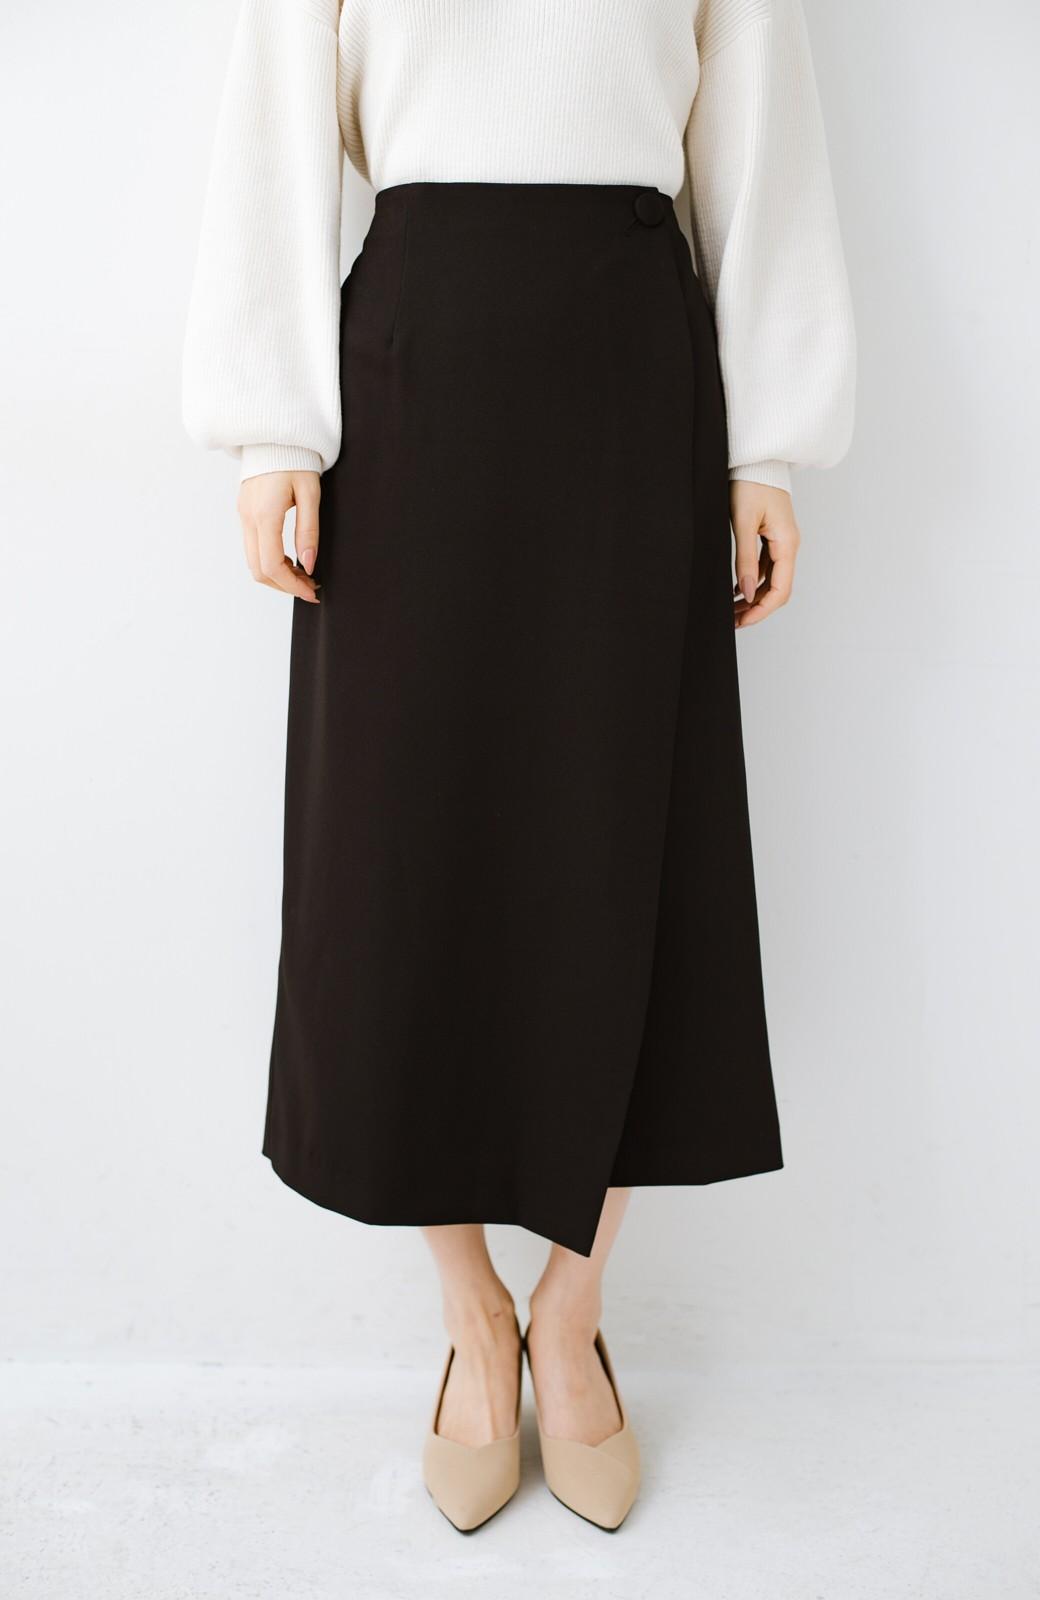 haco! いざというとき困らないための きちんと見えするラップスカート by que made me <ブラック>の商品写真3